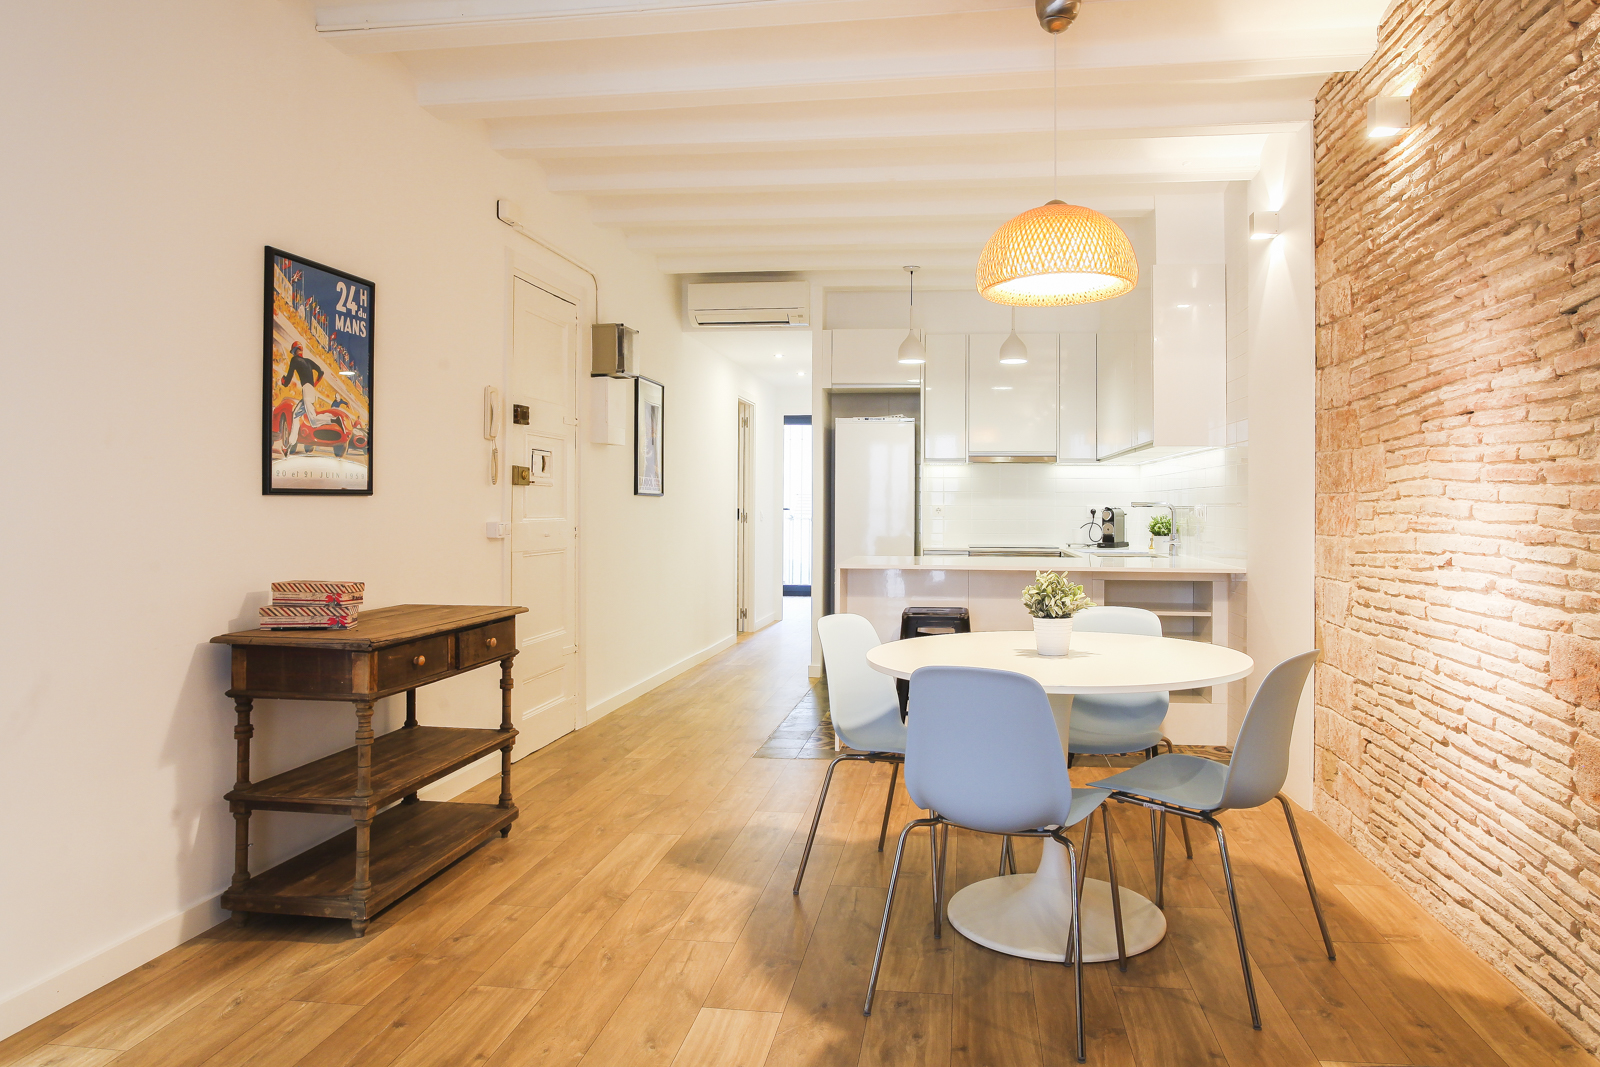 Ad- Appartamento in affitto Barcellona calle gombau